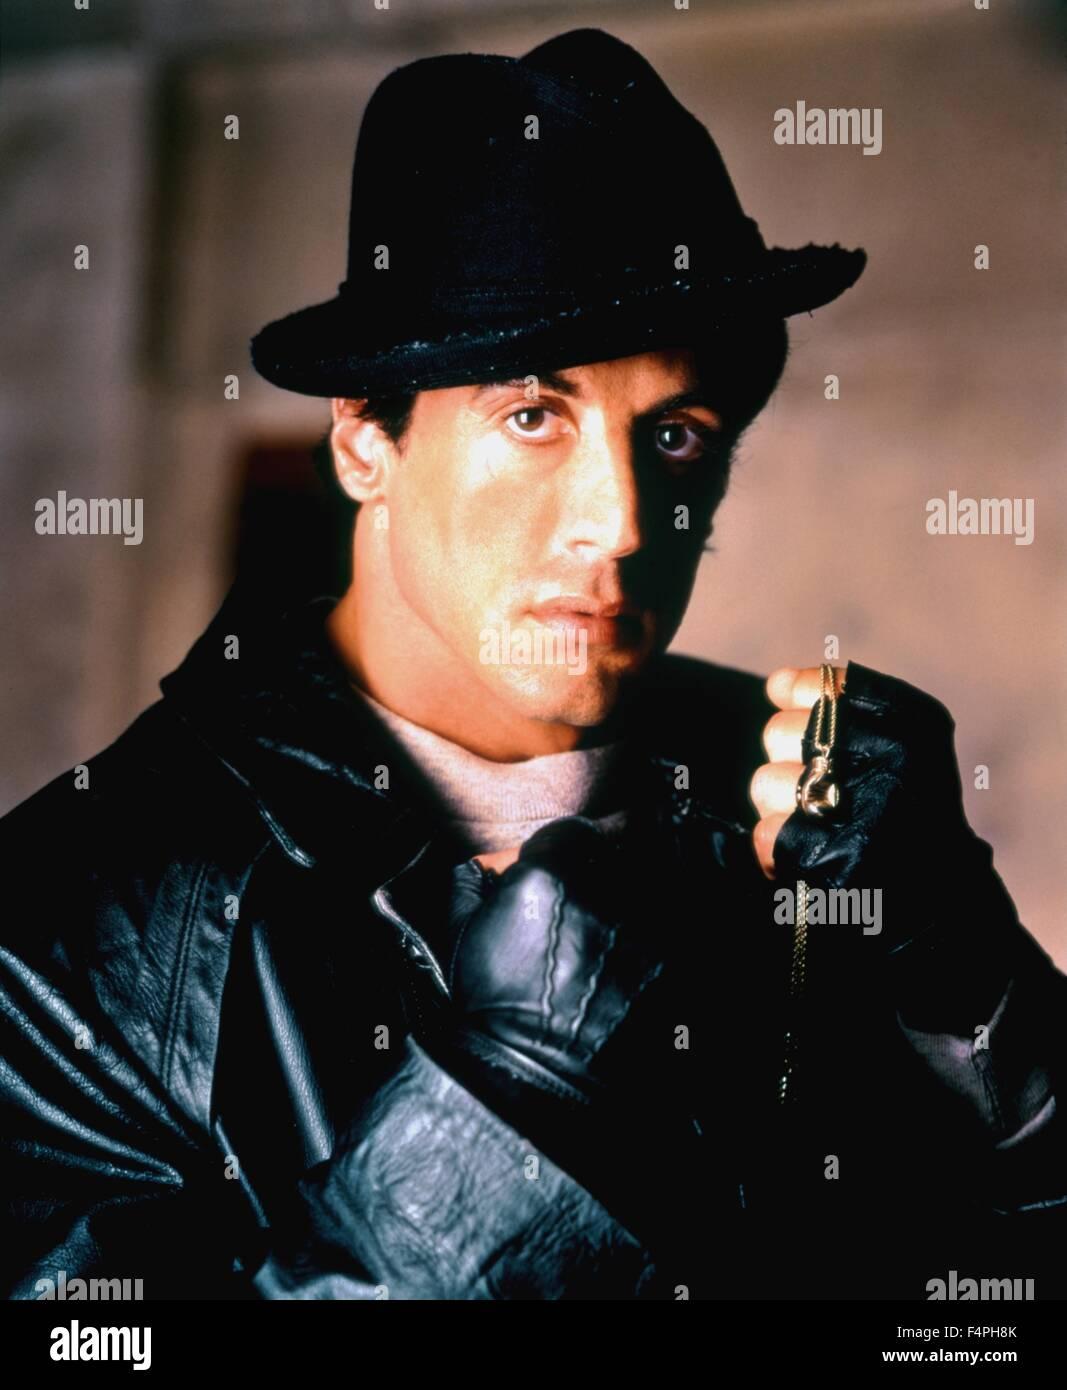 Sylvester Stallone / Rocky V / 1990 directed by John G. Avildsen - Stock Image